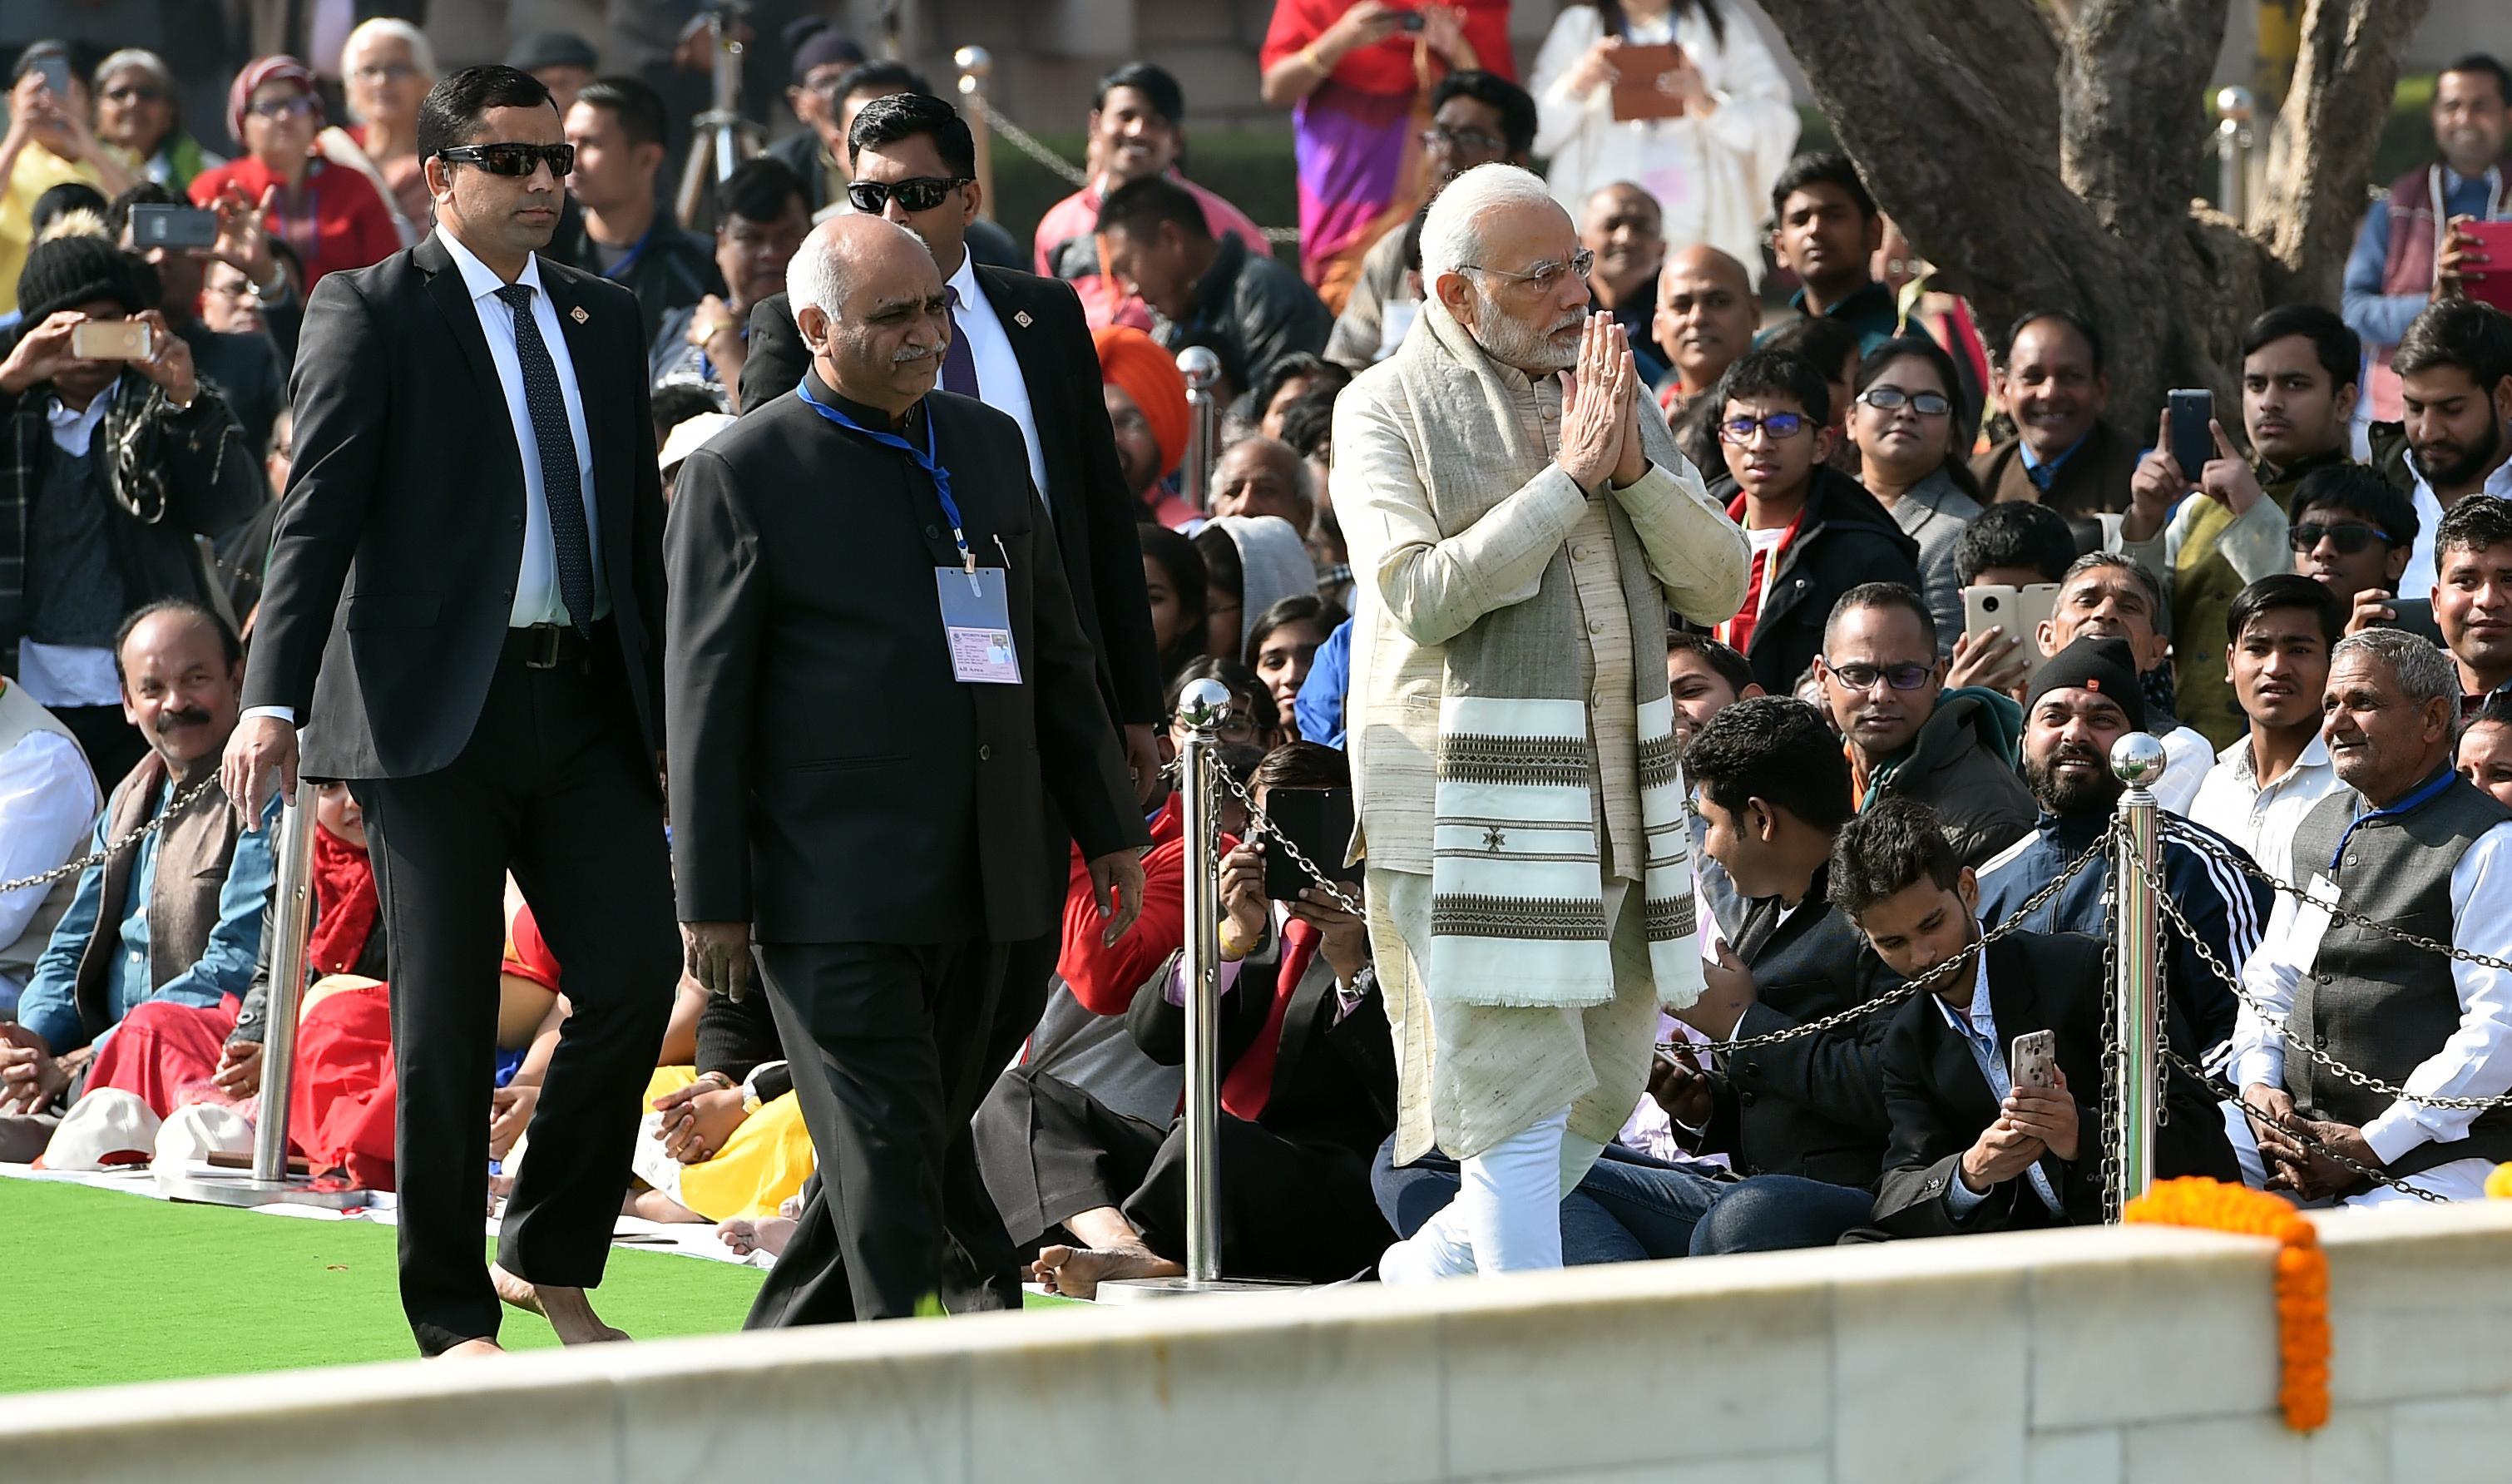 El primer ministro indio Narendra Modidurante el homenaje (AFP)